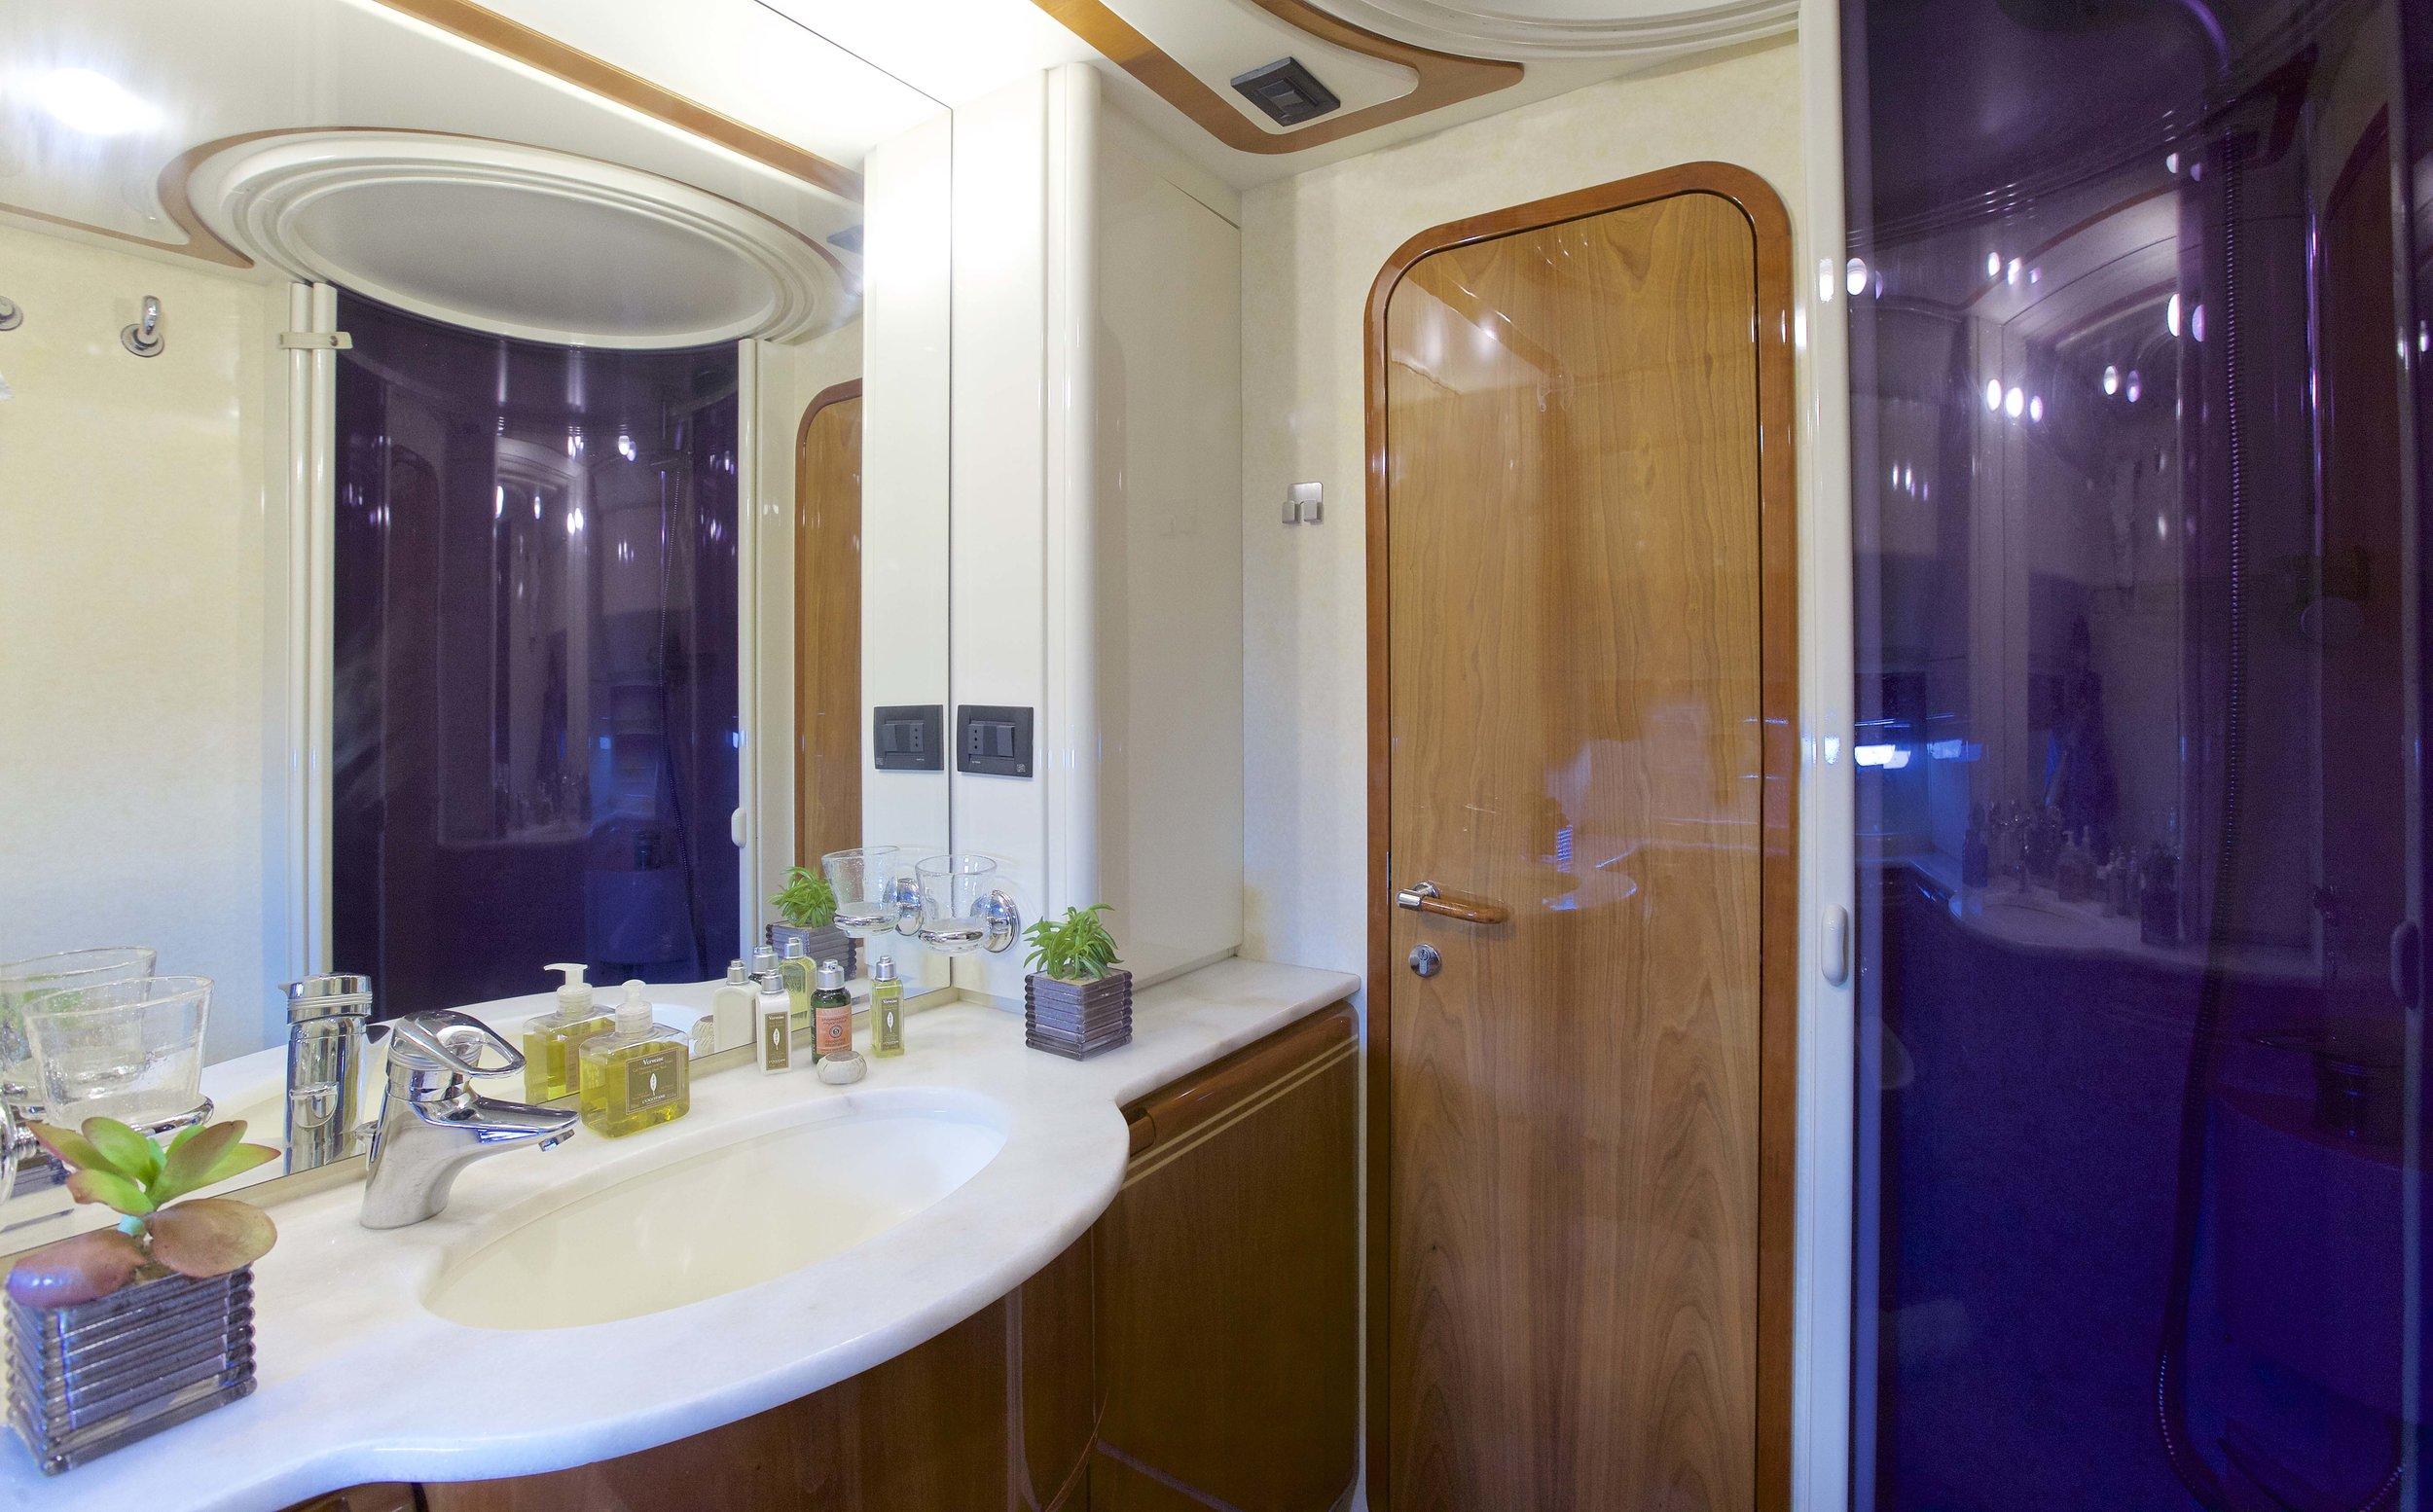 GeePee_Twin_Bathroom_II.jpg